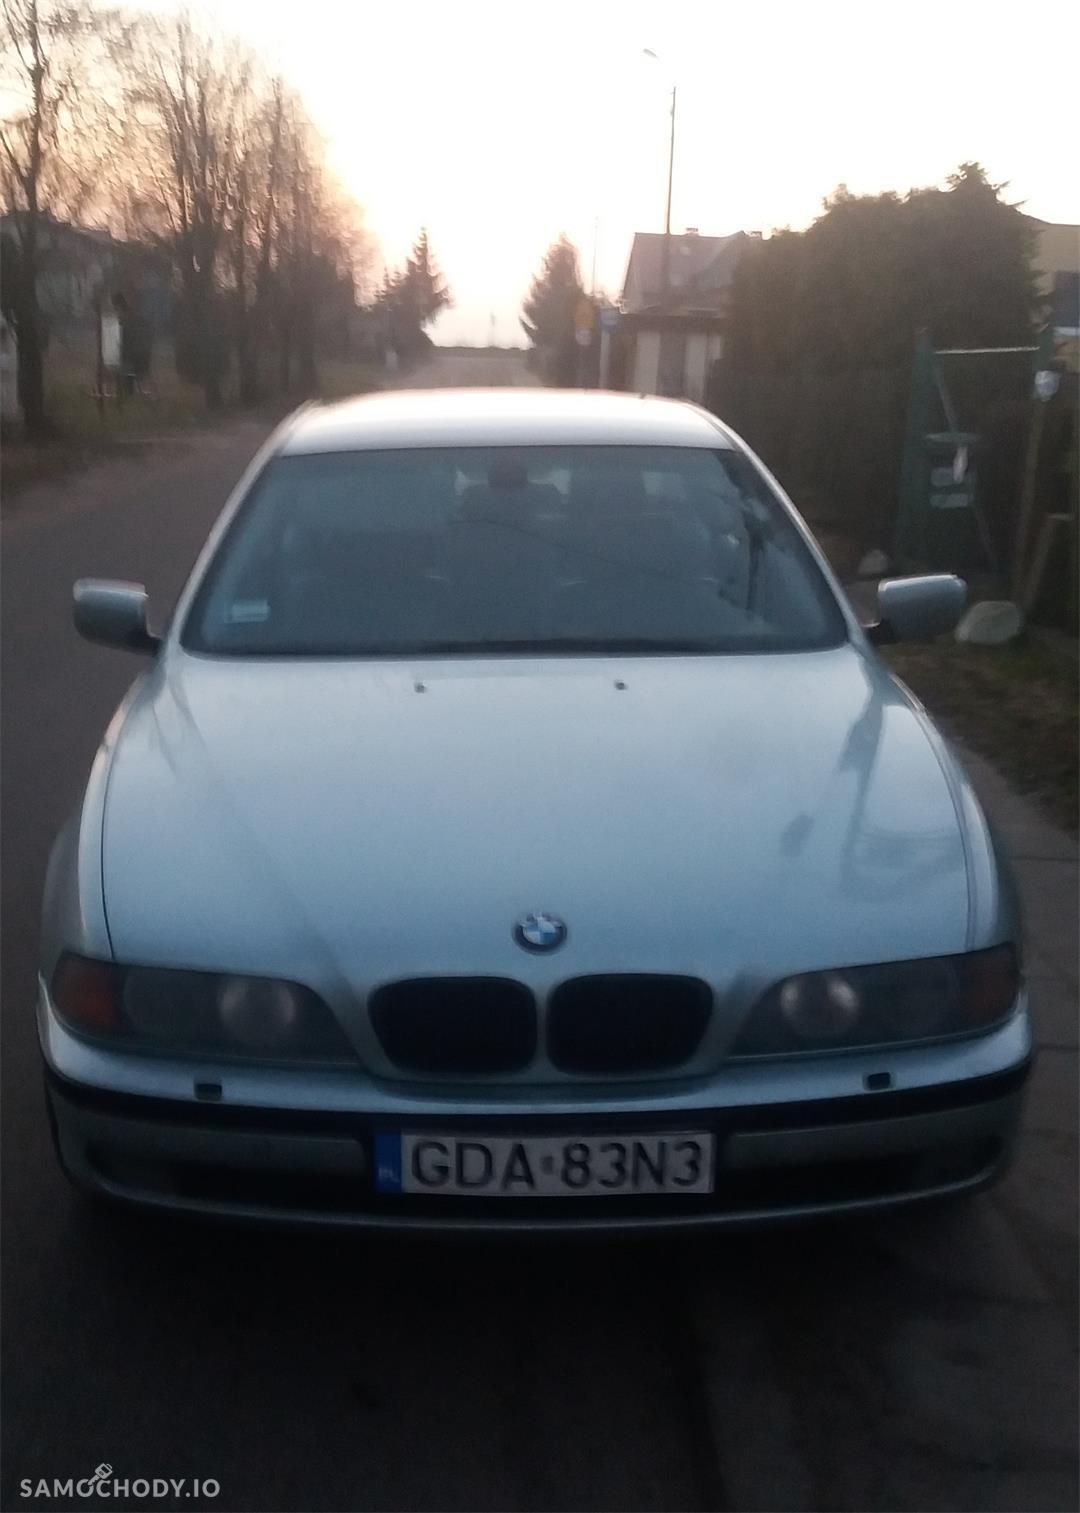 BMW Seria 5 E39 (1996-2003) Automat, skóra, zarejestrowany w Polsce, od osoby prywatnej 2